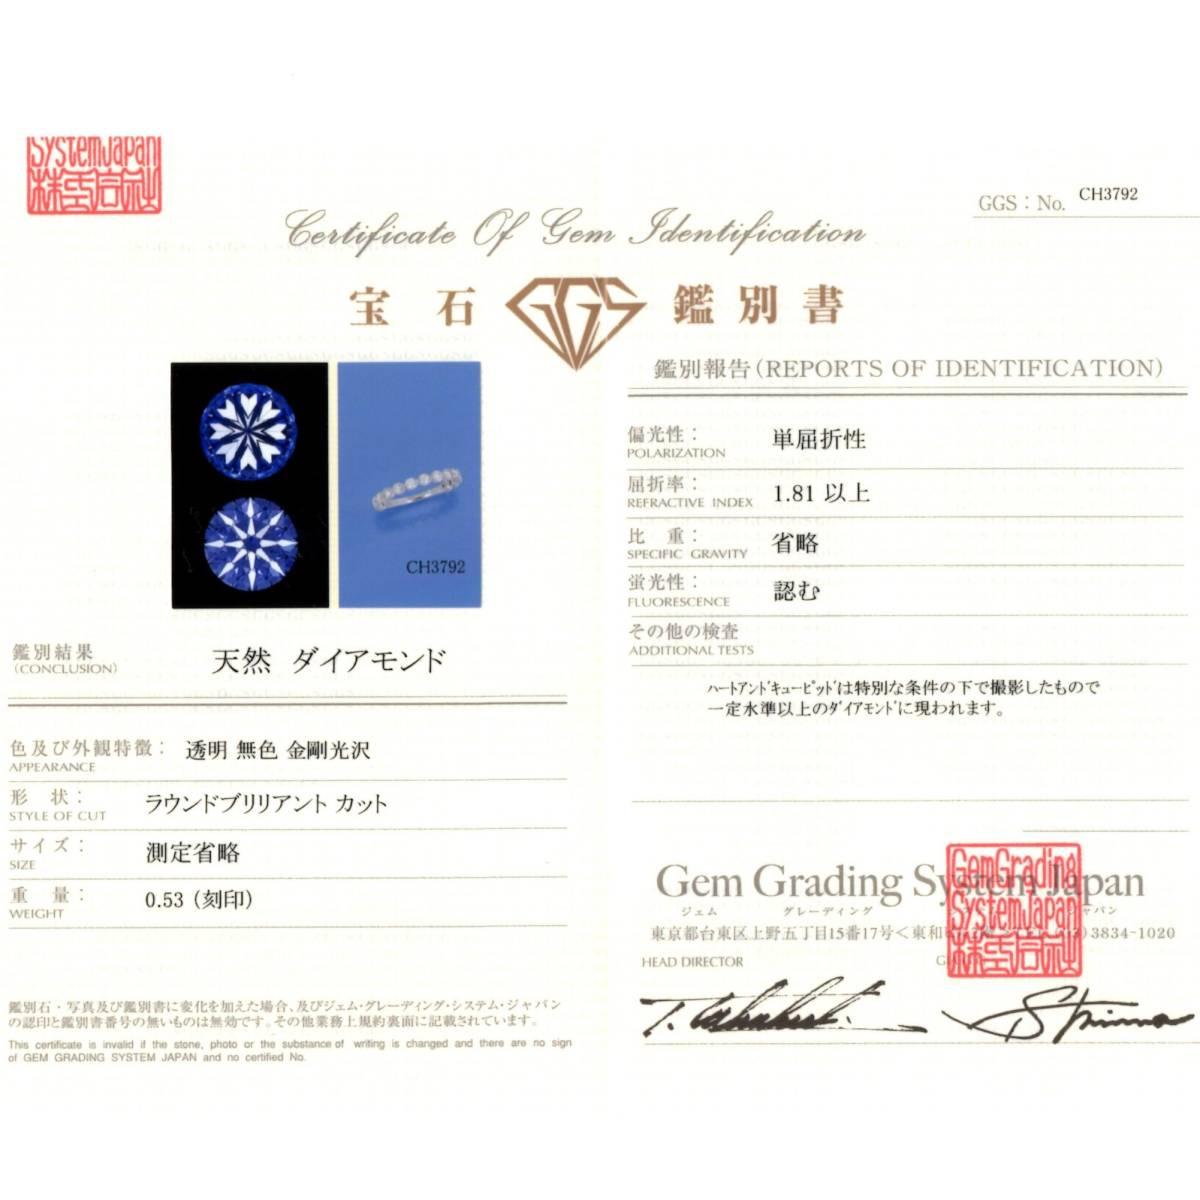 【size8号】ハード プラチナ pt900 天然diamond 0.53ct H&C 3/4 エタニティ リング【鑑別書付】_信頼のGGS社発行のH&C鑑定書でございます。